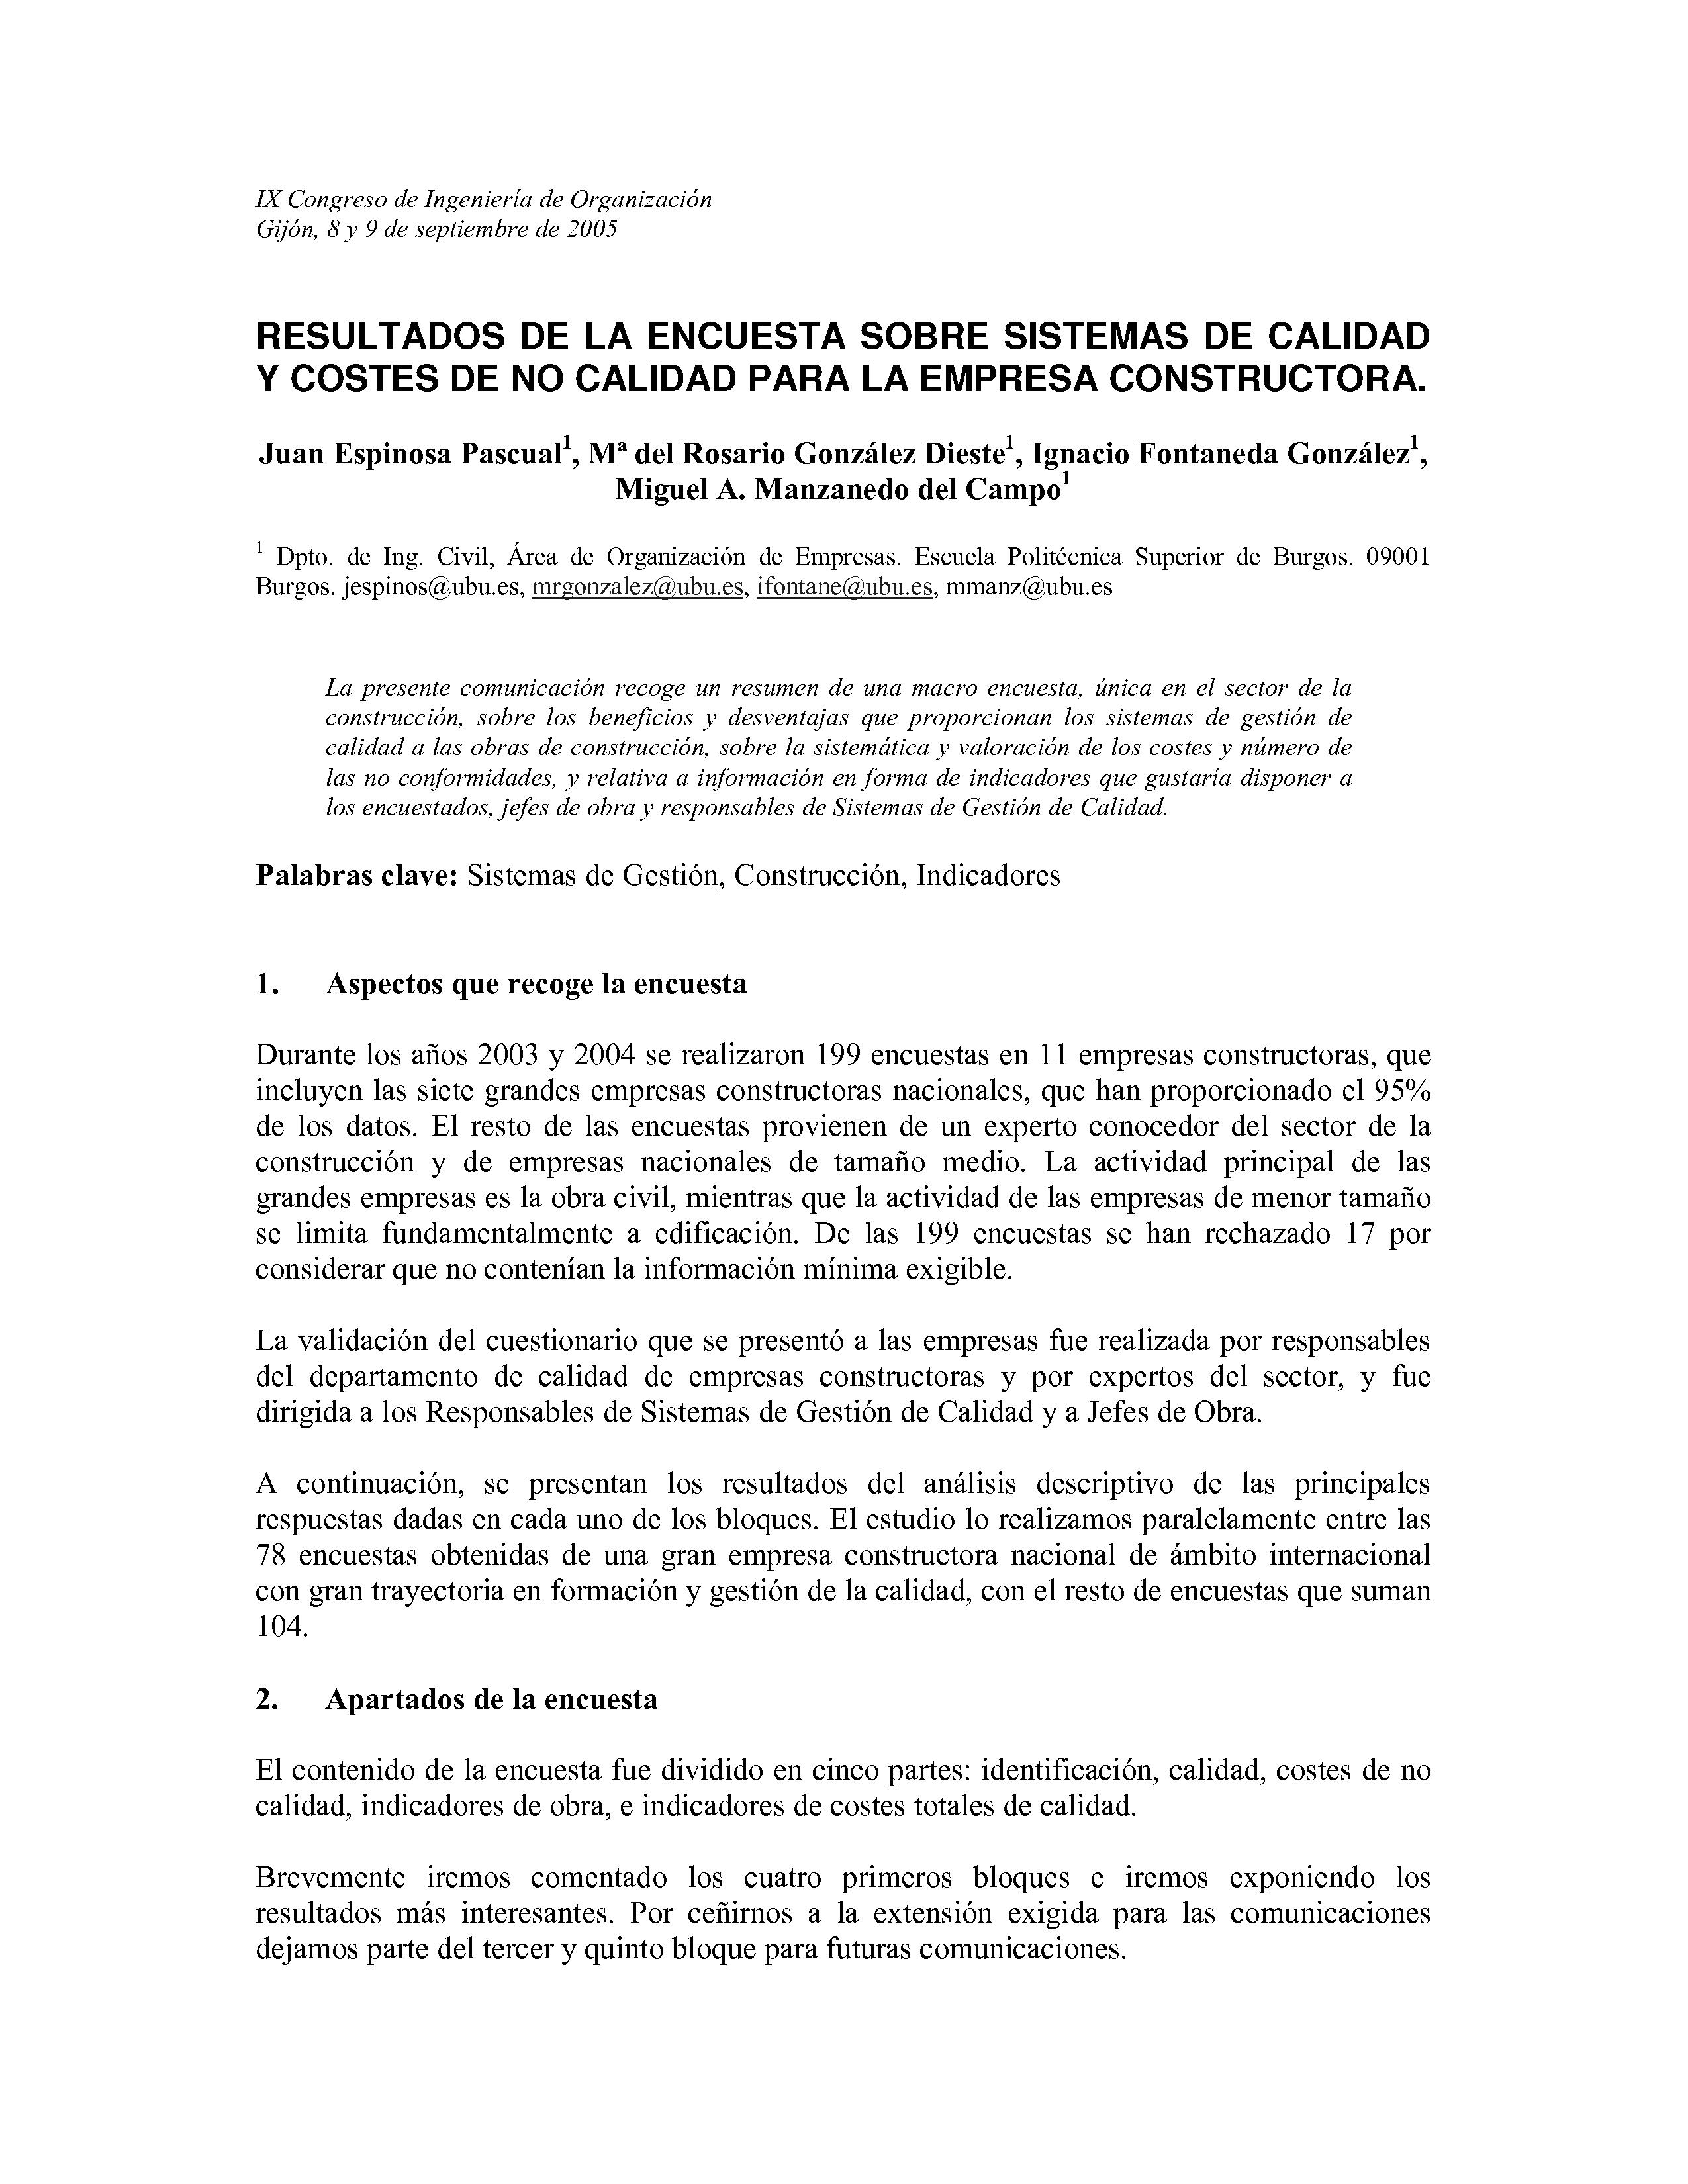 RESULTADOS DE LA ENCUESTA SOBRE SISTEMAS DE CALIDAD  Y COSTES DE NO CALIDAD PARA LA EMPRESA CONSTRUCTORA.